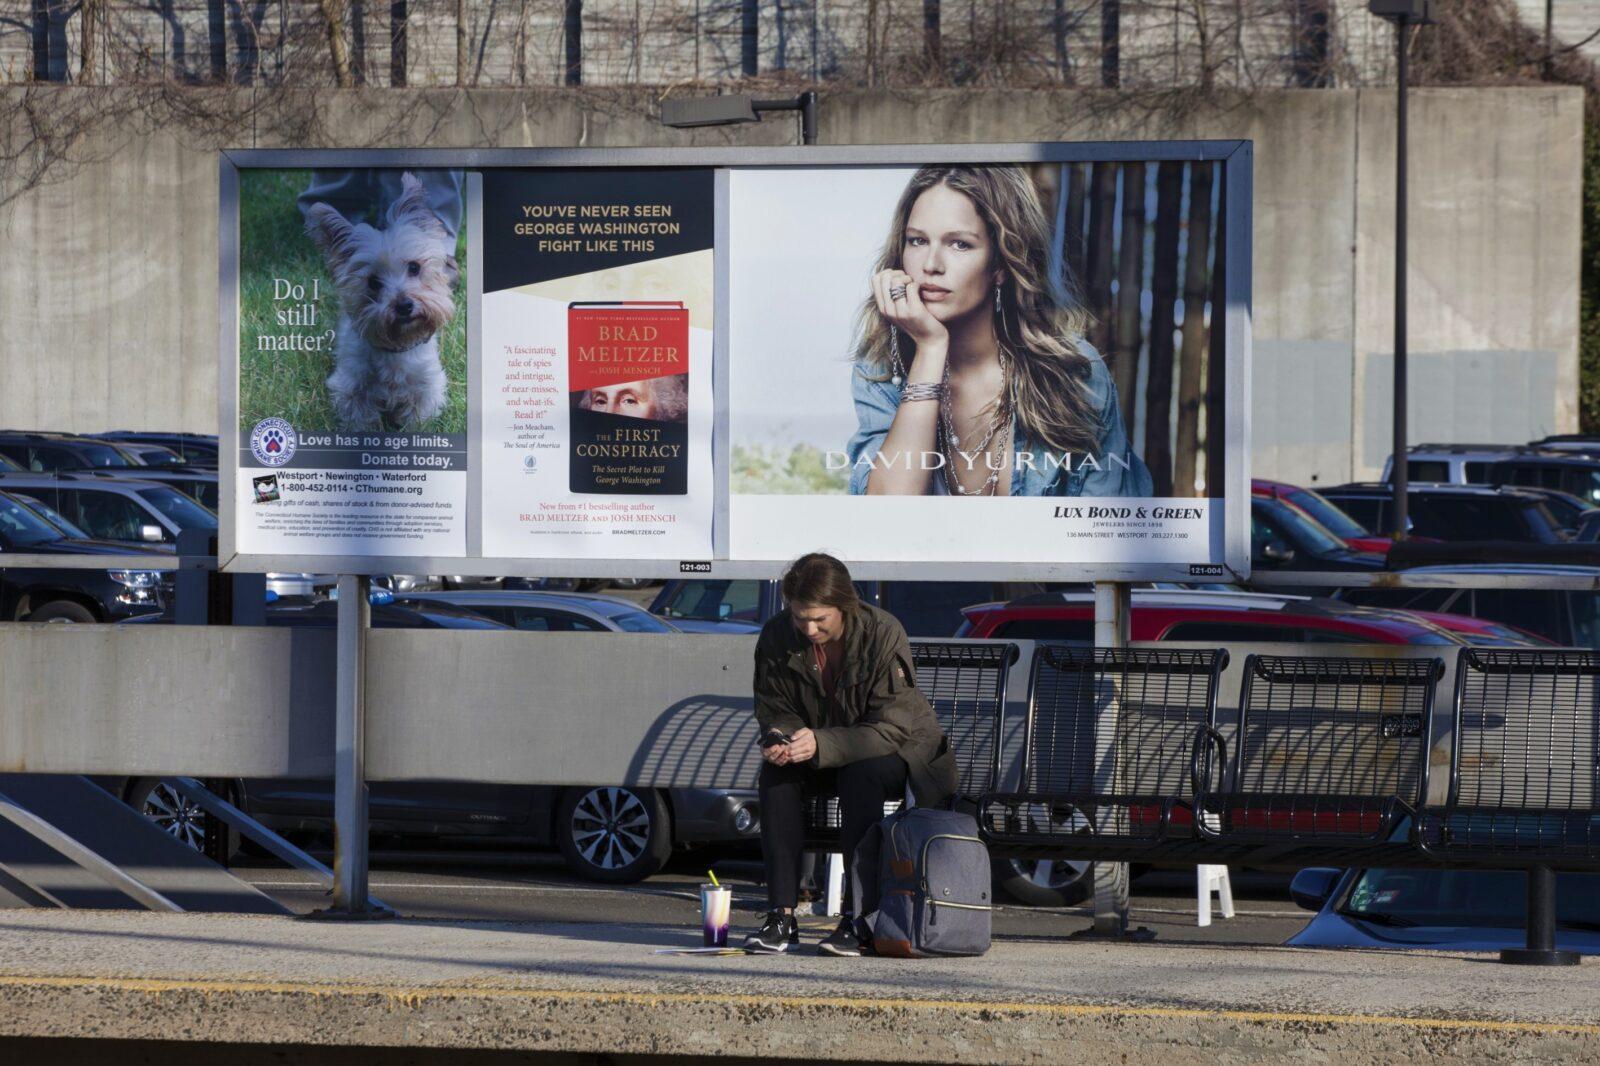 Lux Bond & Green Rail Platform Two Sheet Poster Advertising